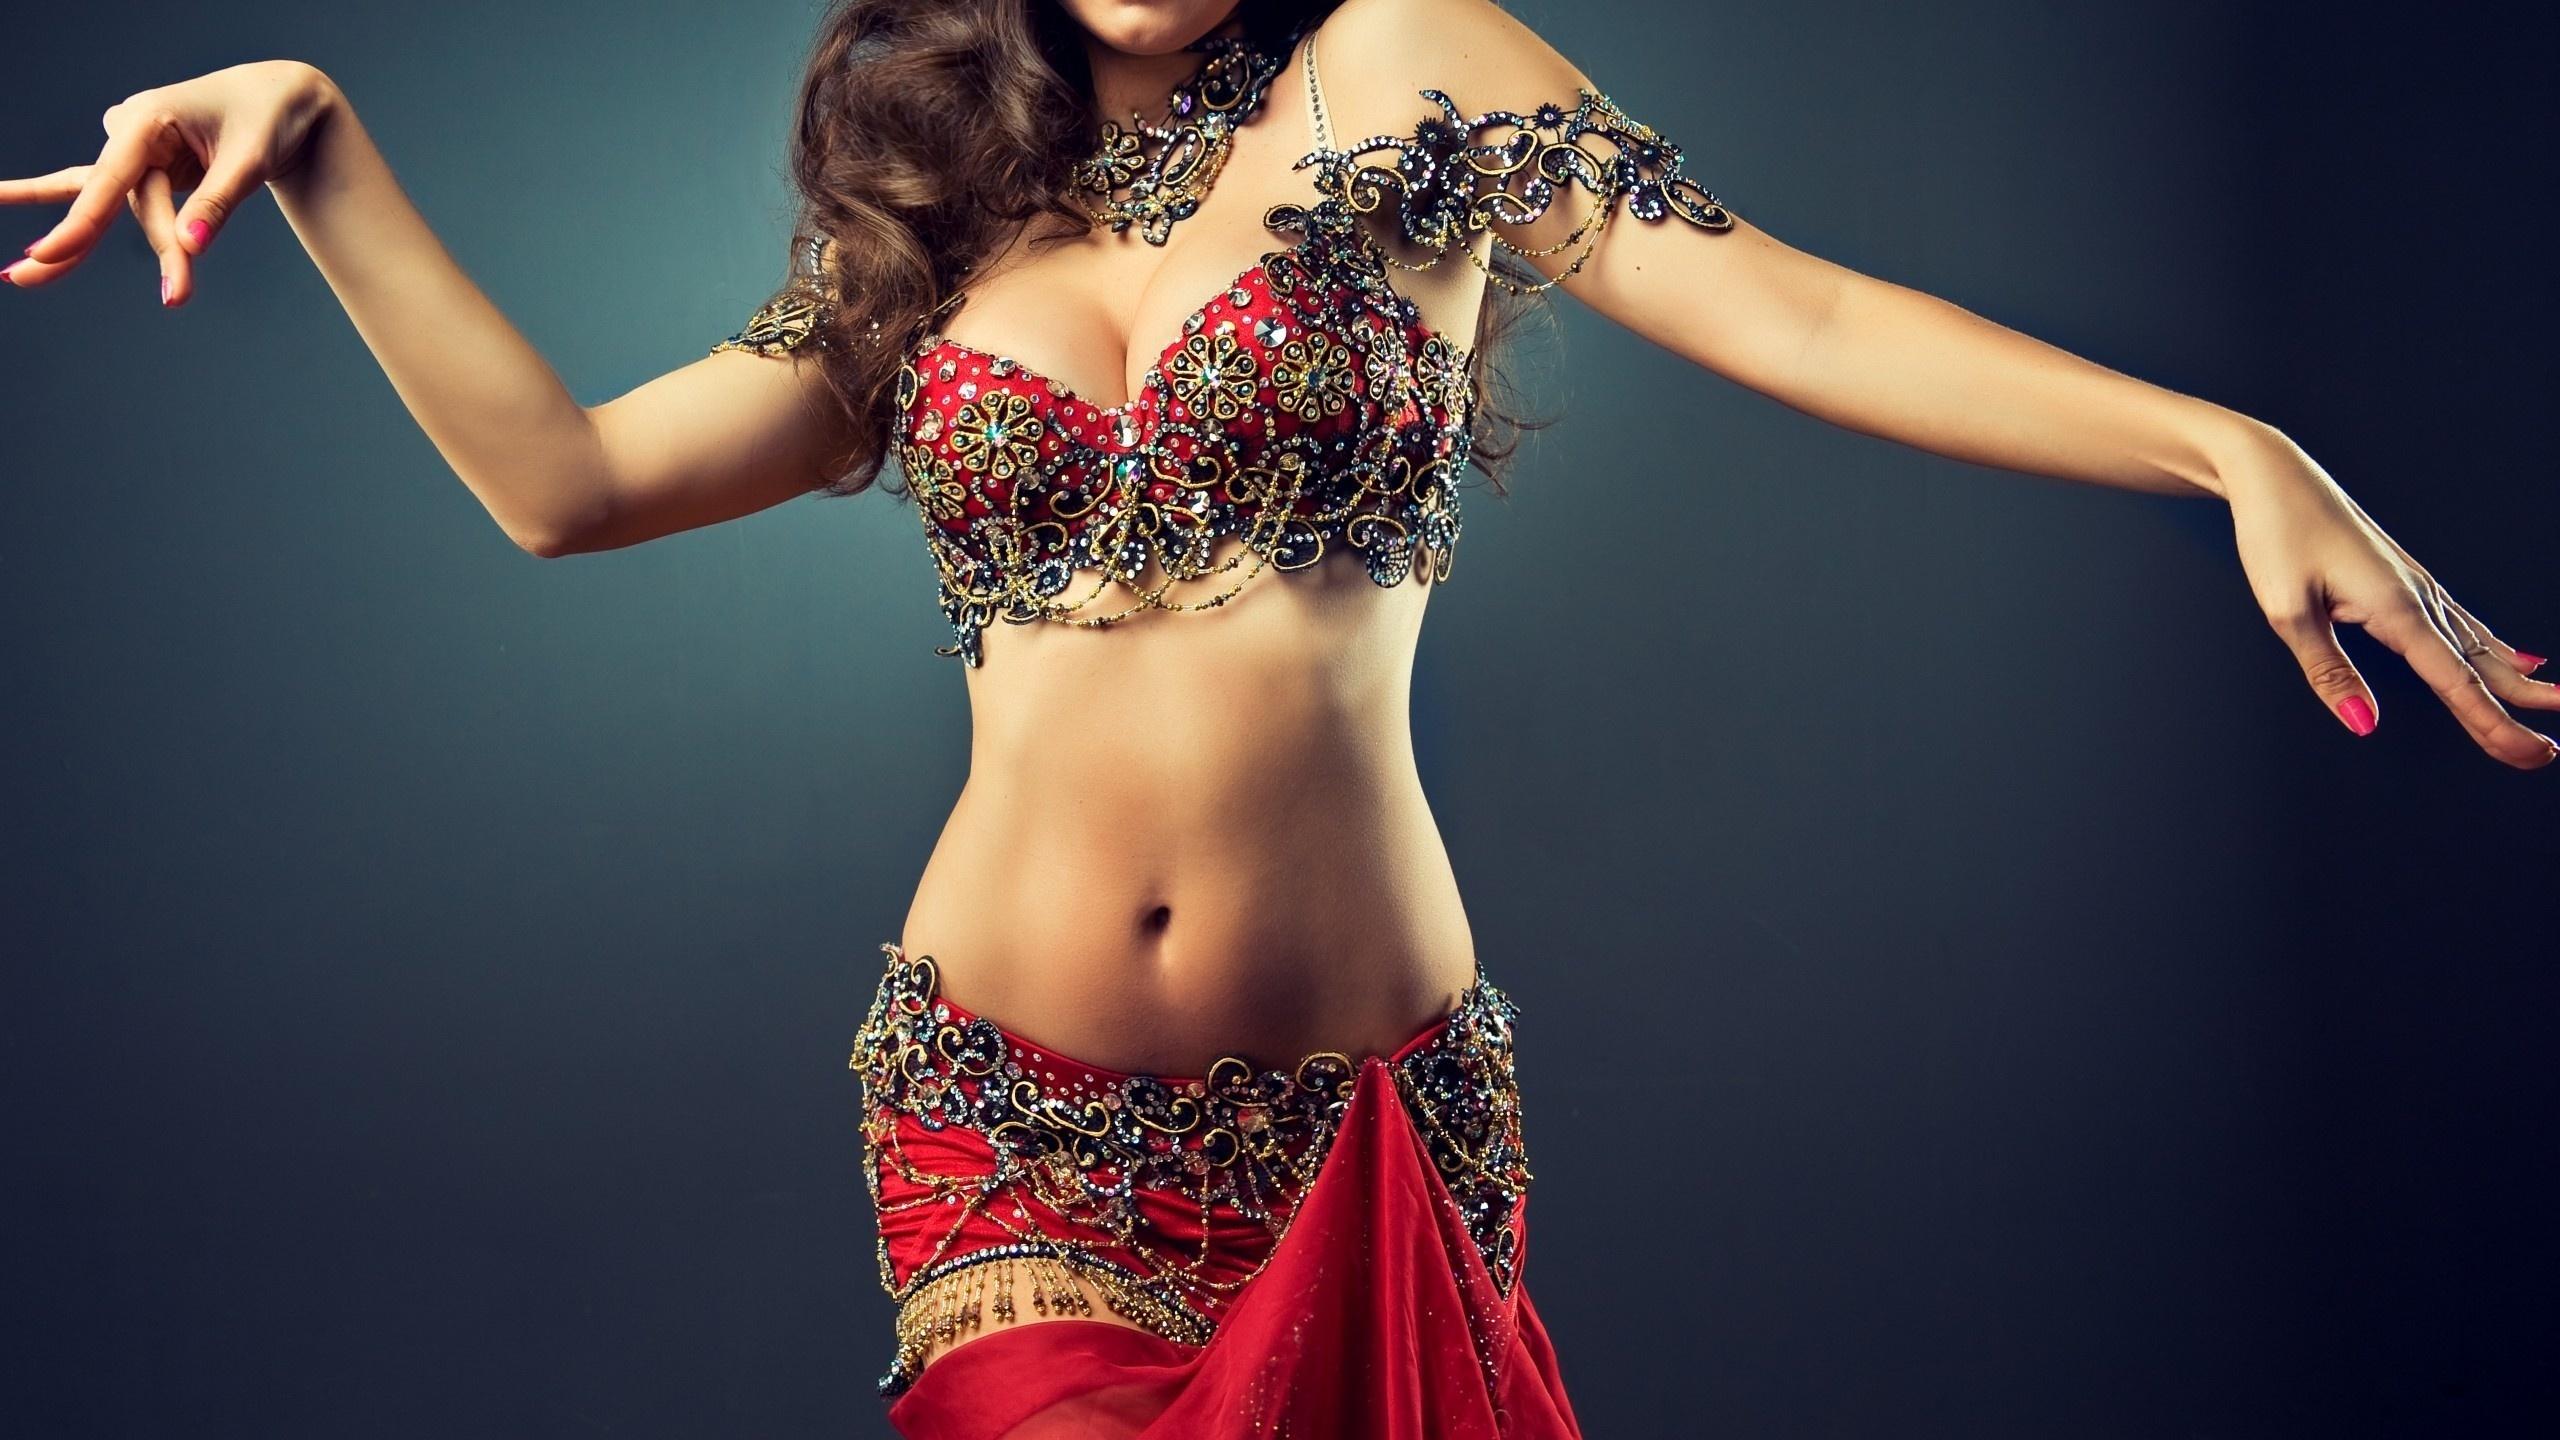 Oriental glamour girls #4